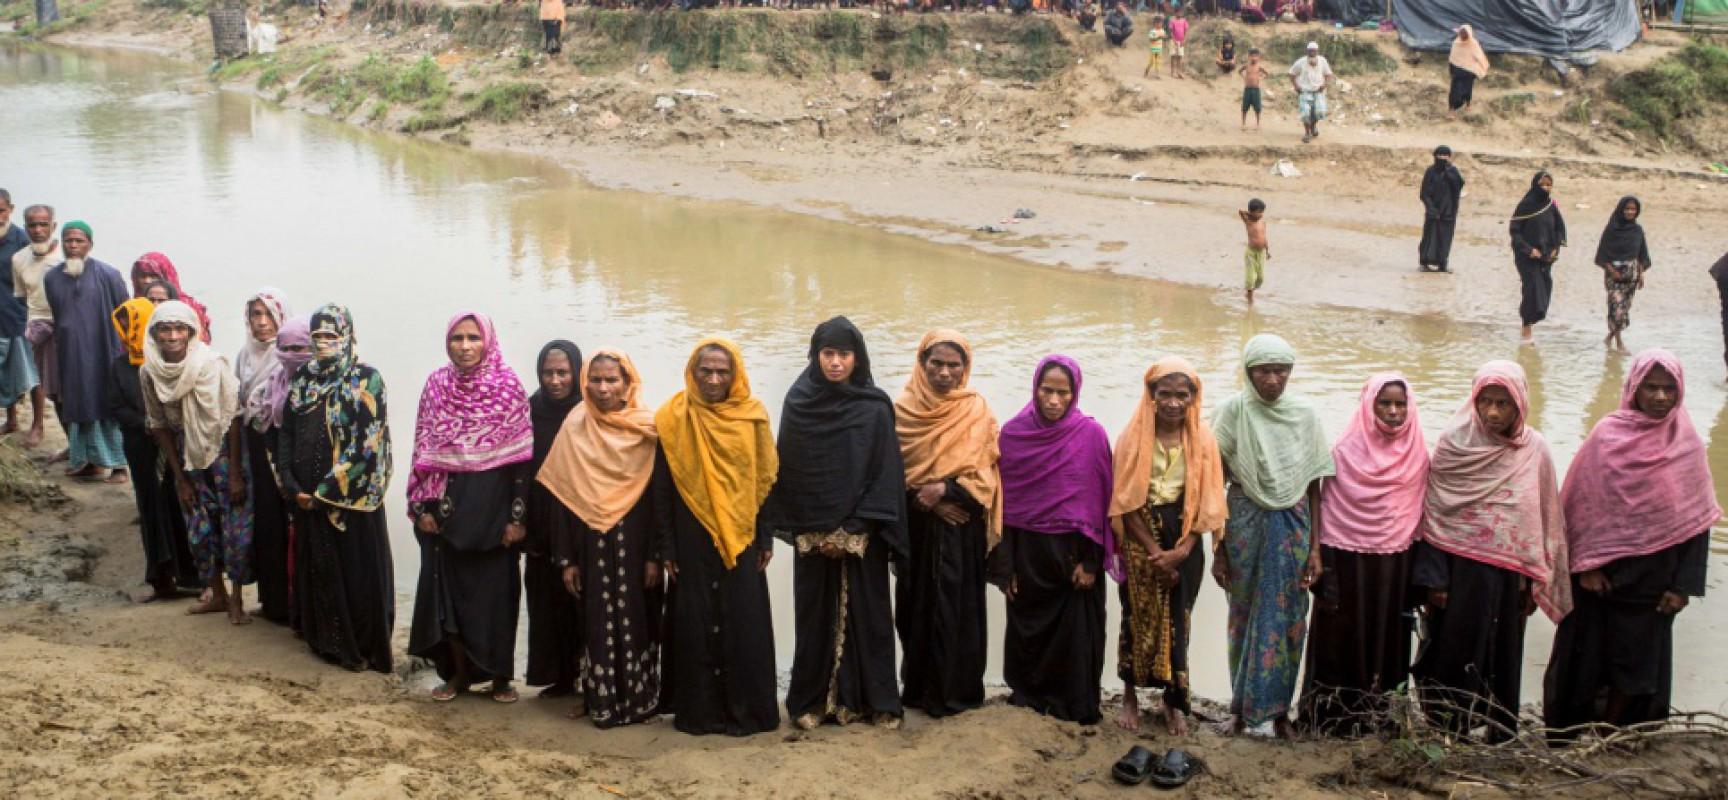 Médias- Mensonges et Manipulation de l'information 16230447-crise-des-rohingyas-en-birmanie-aung-san-suu-kyi-n-ira-pas-a-l-onu-1728x800_c